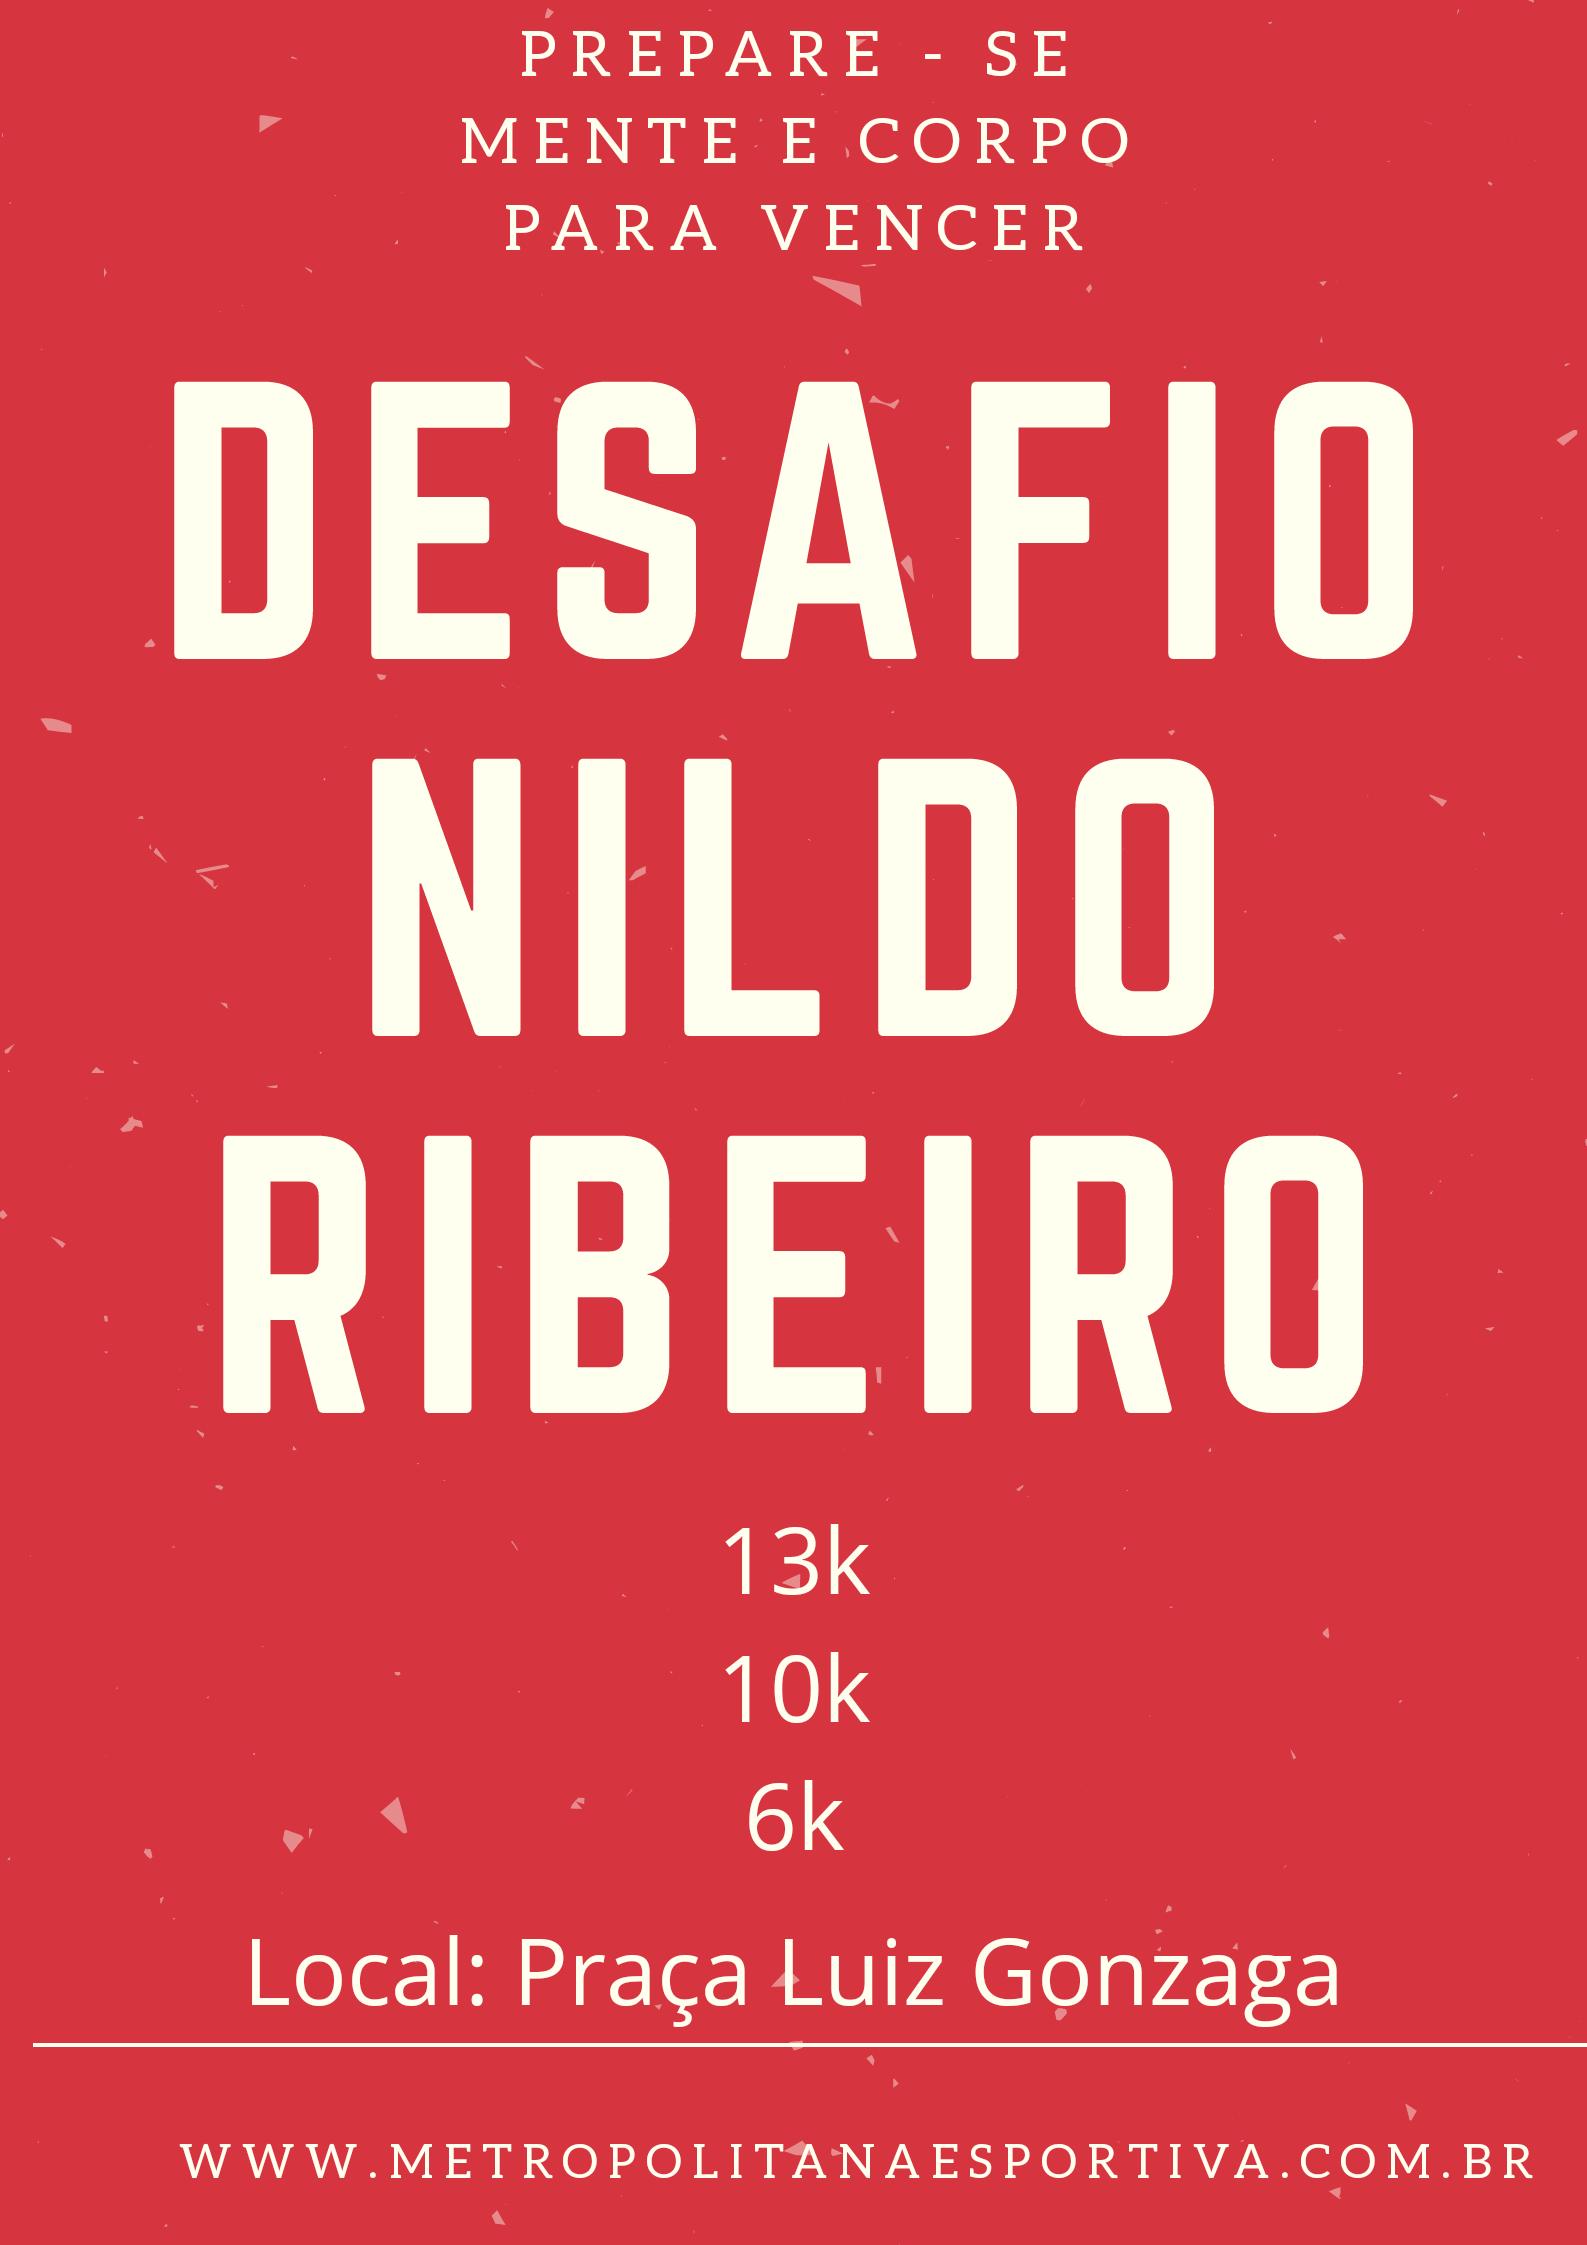 DESAFIO NILDO RIBEIRO